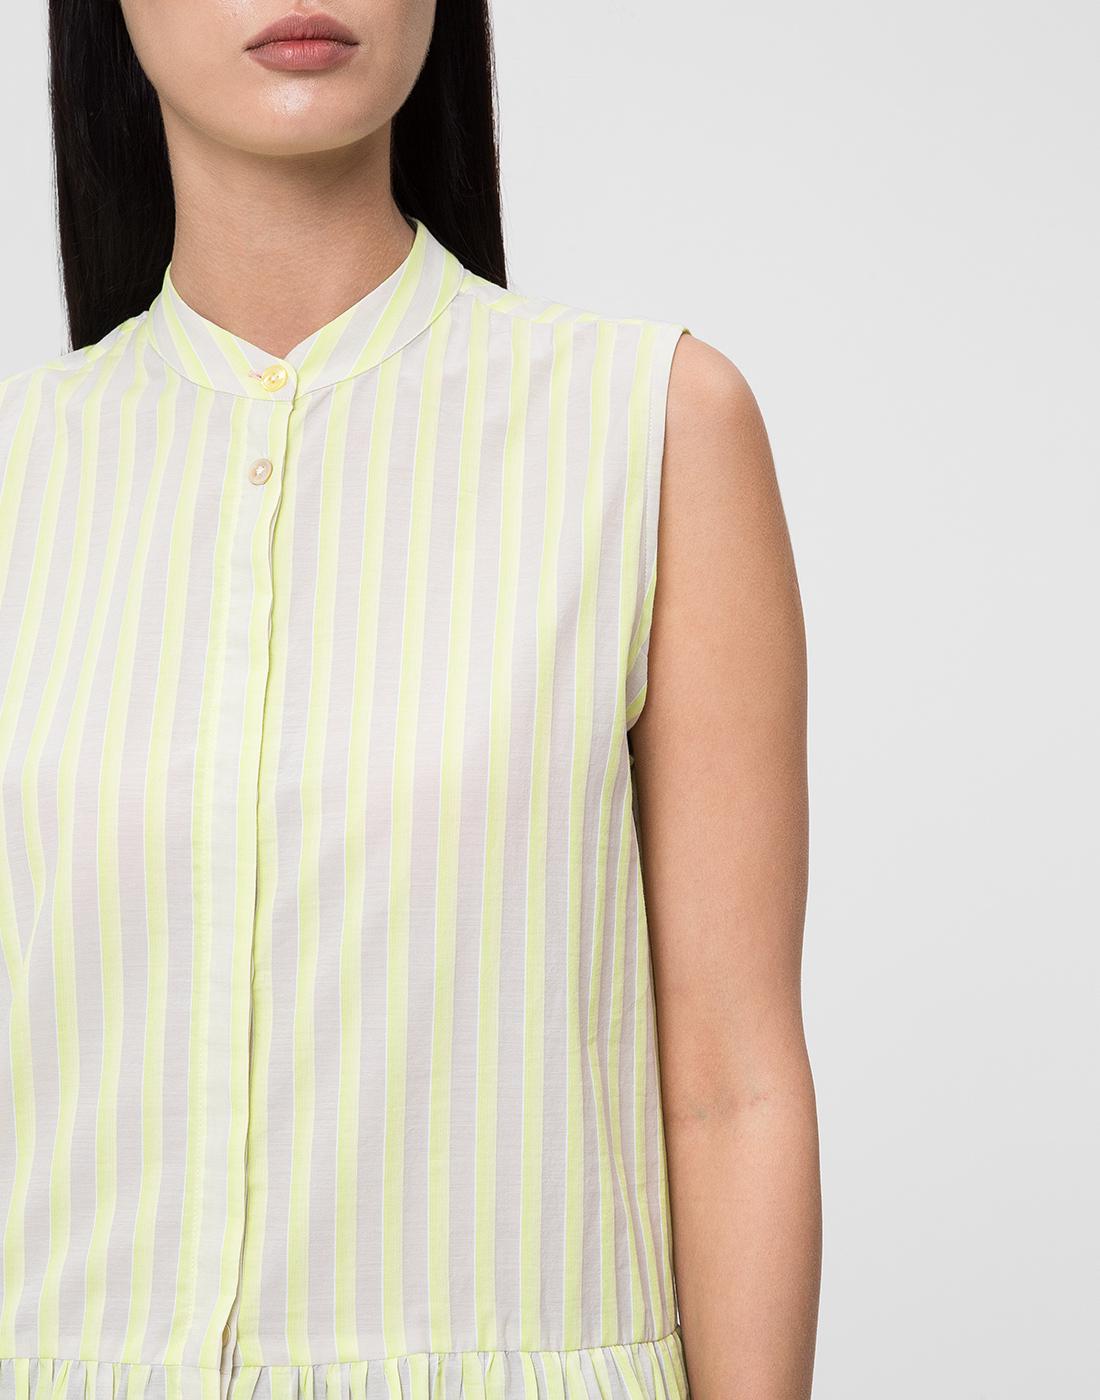 Женская блуза в полоску Paul Smith S095M/864-6